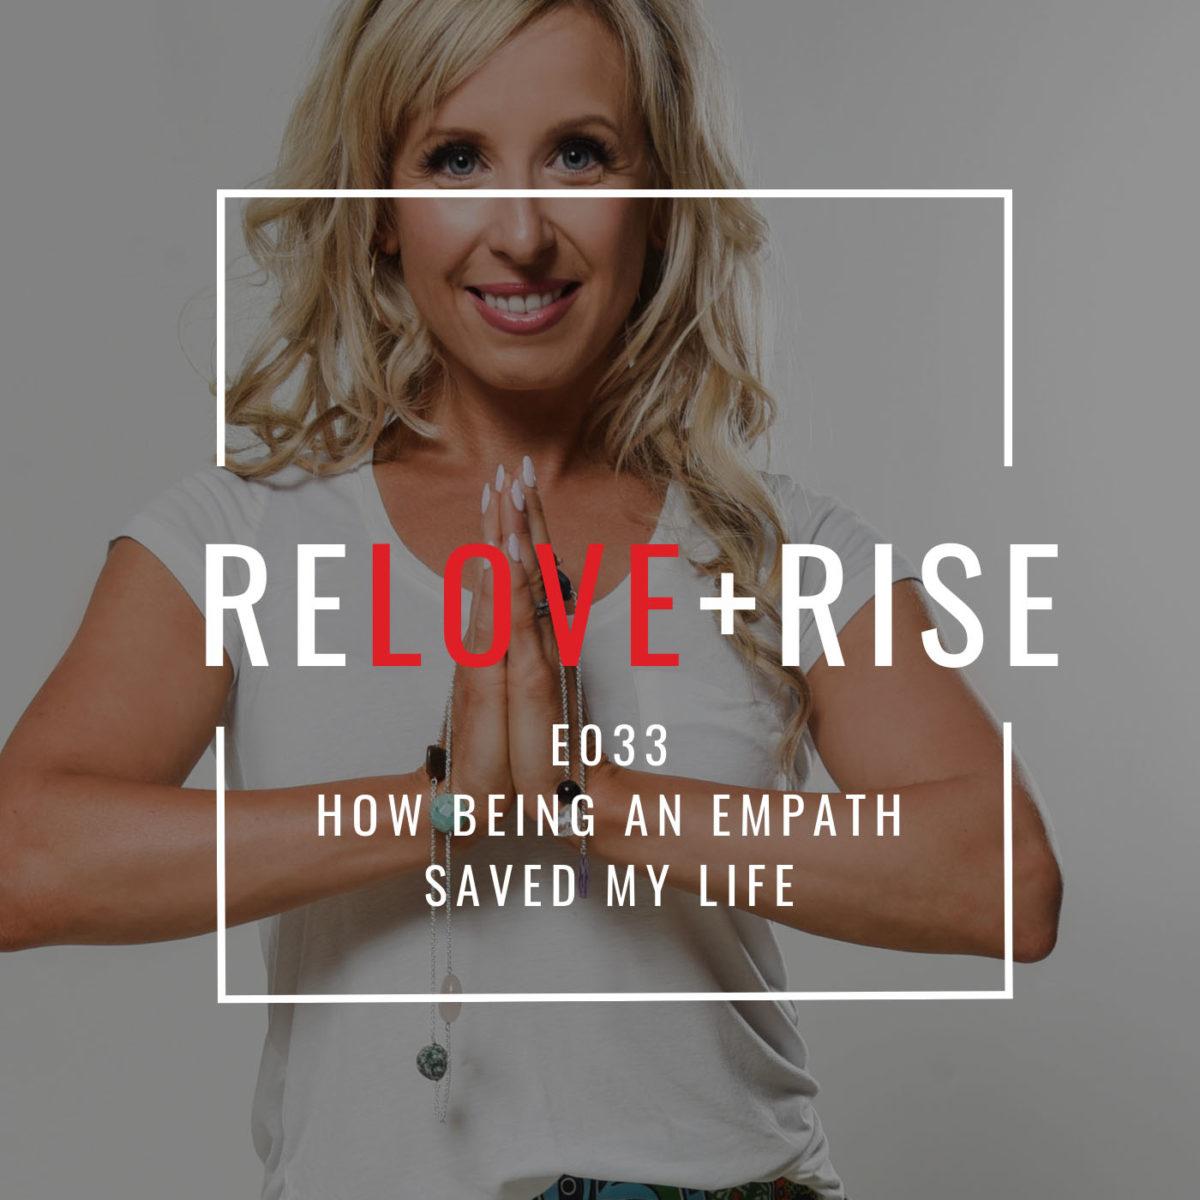 e033 - being an empath